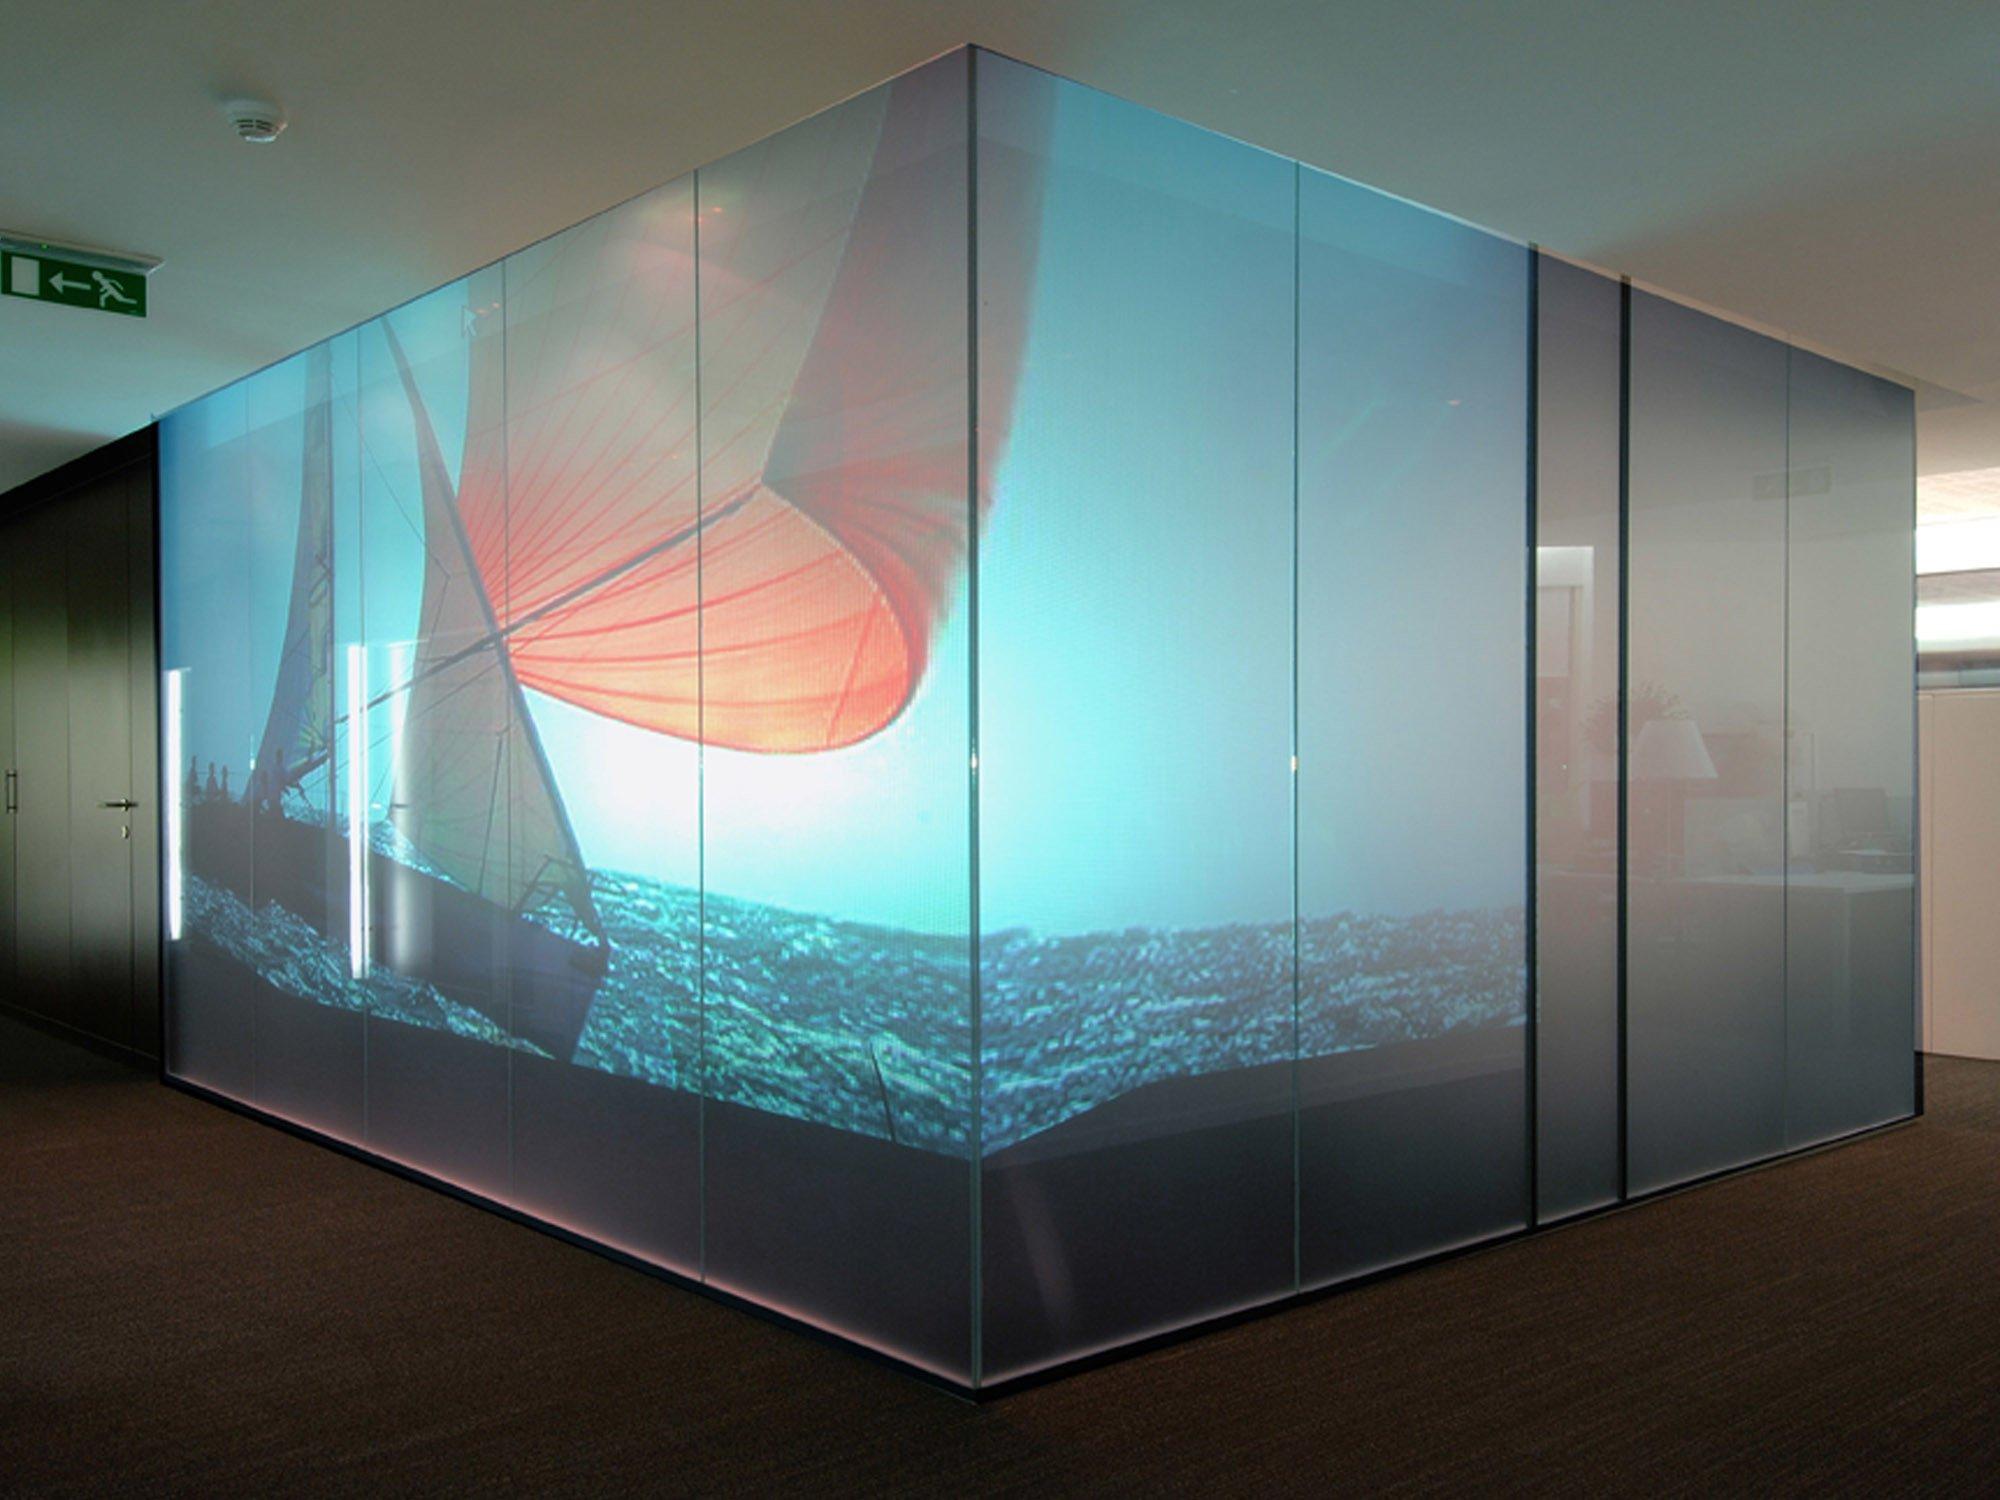 schaltbares verbundglas glas news produkte baunetz wissen. Black Bedroom Furniture Sets. Home Design Ideas